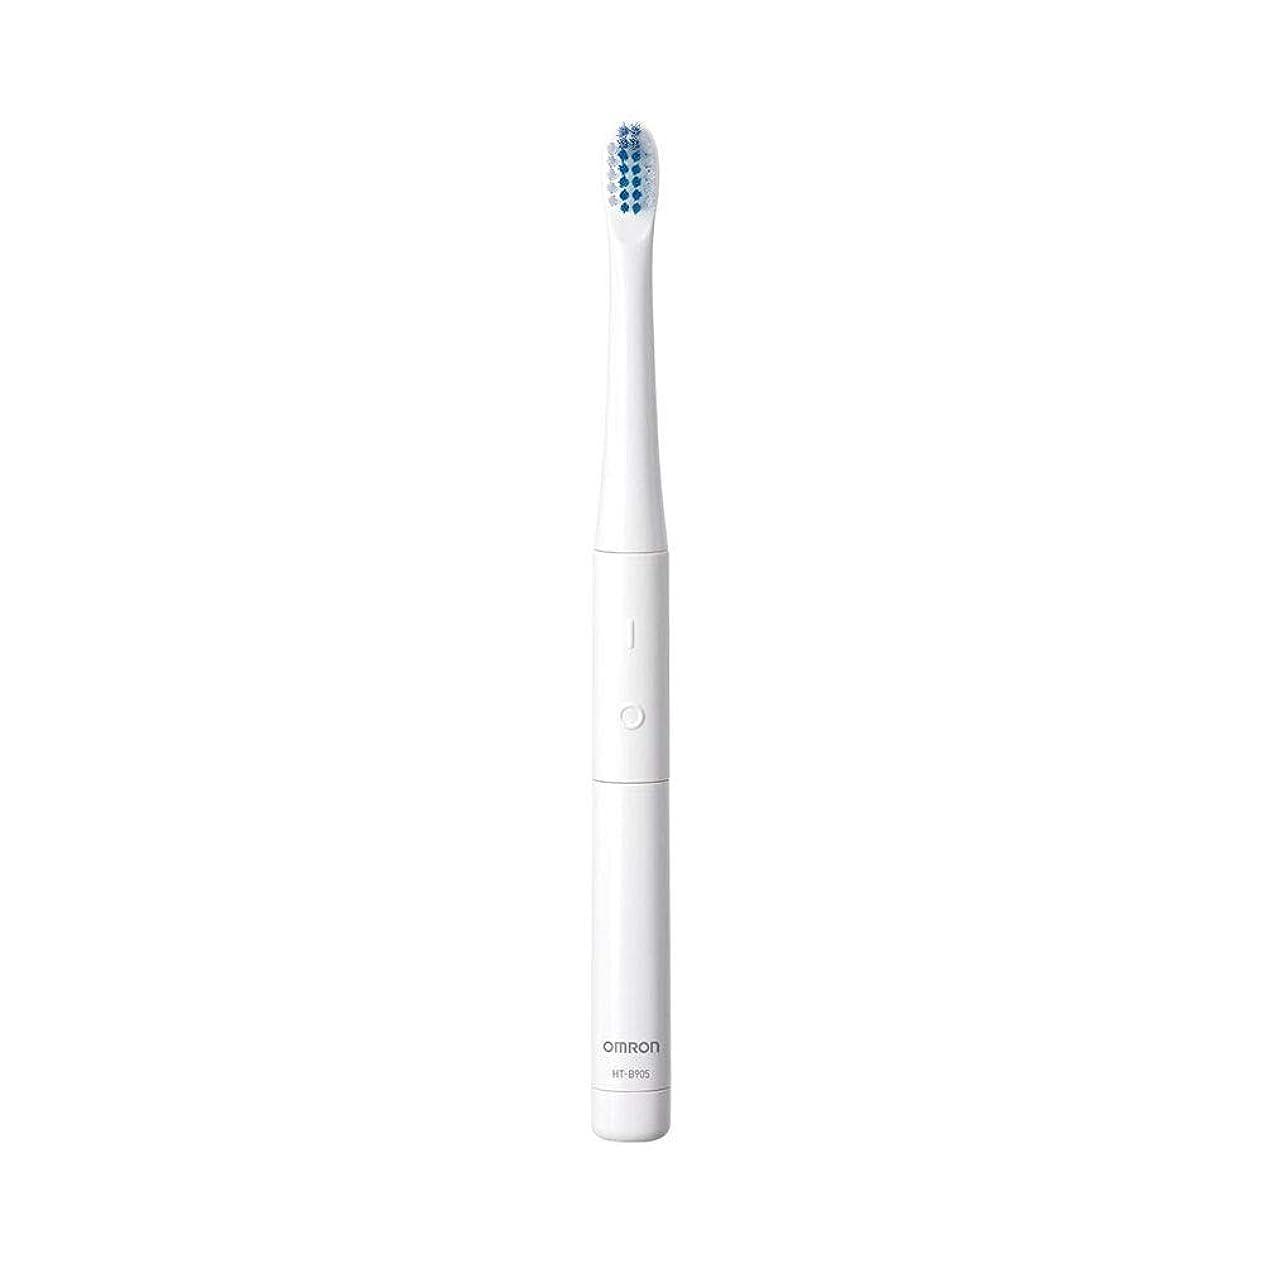 連鎖アフリカ人尋ねるOmron オムロン 音波式電動歯ブラシ HT-B905-W 電動歯ブラシ